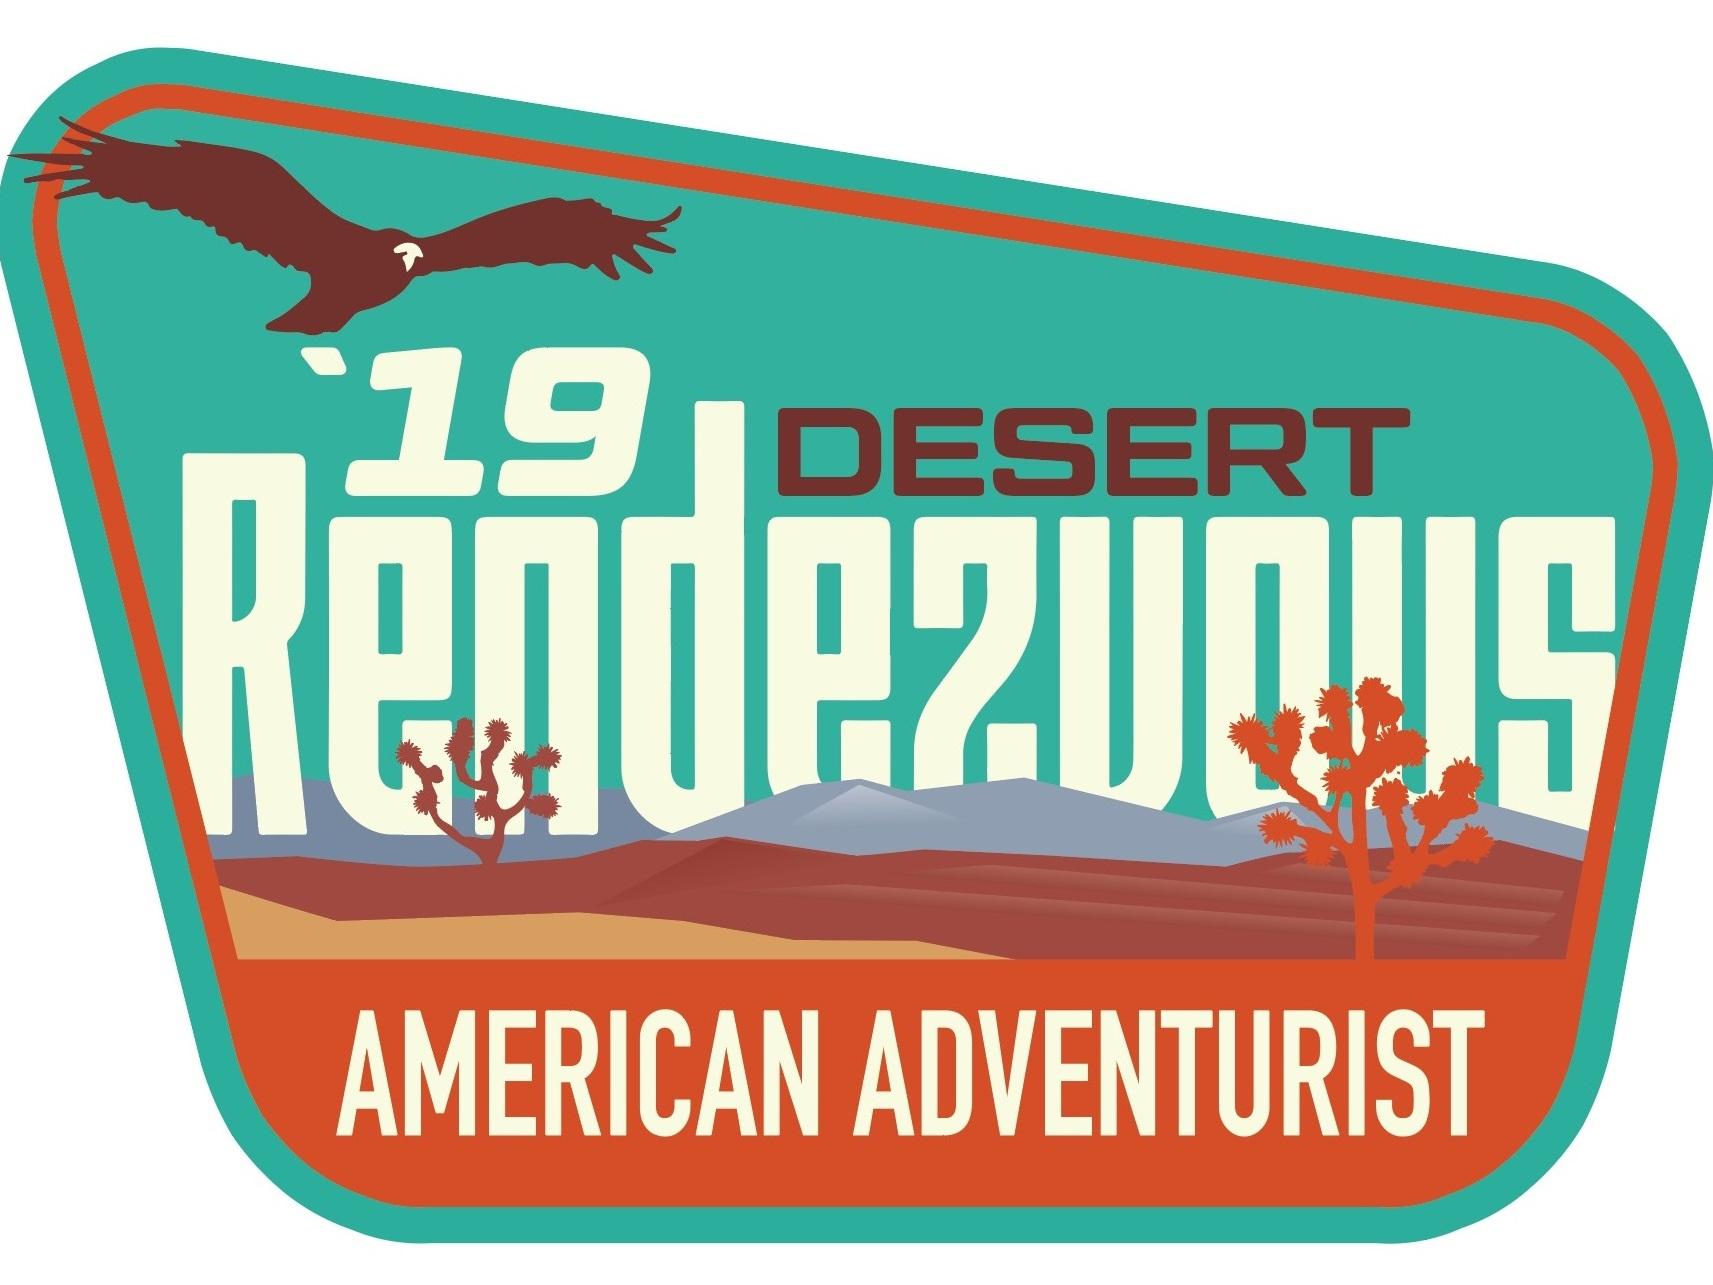 2019 Desert Rendezvous